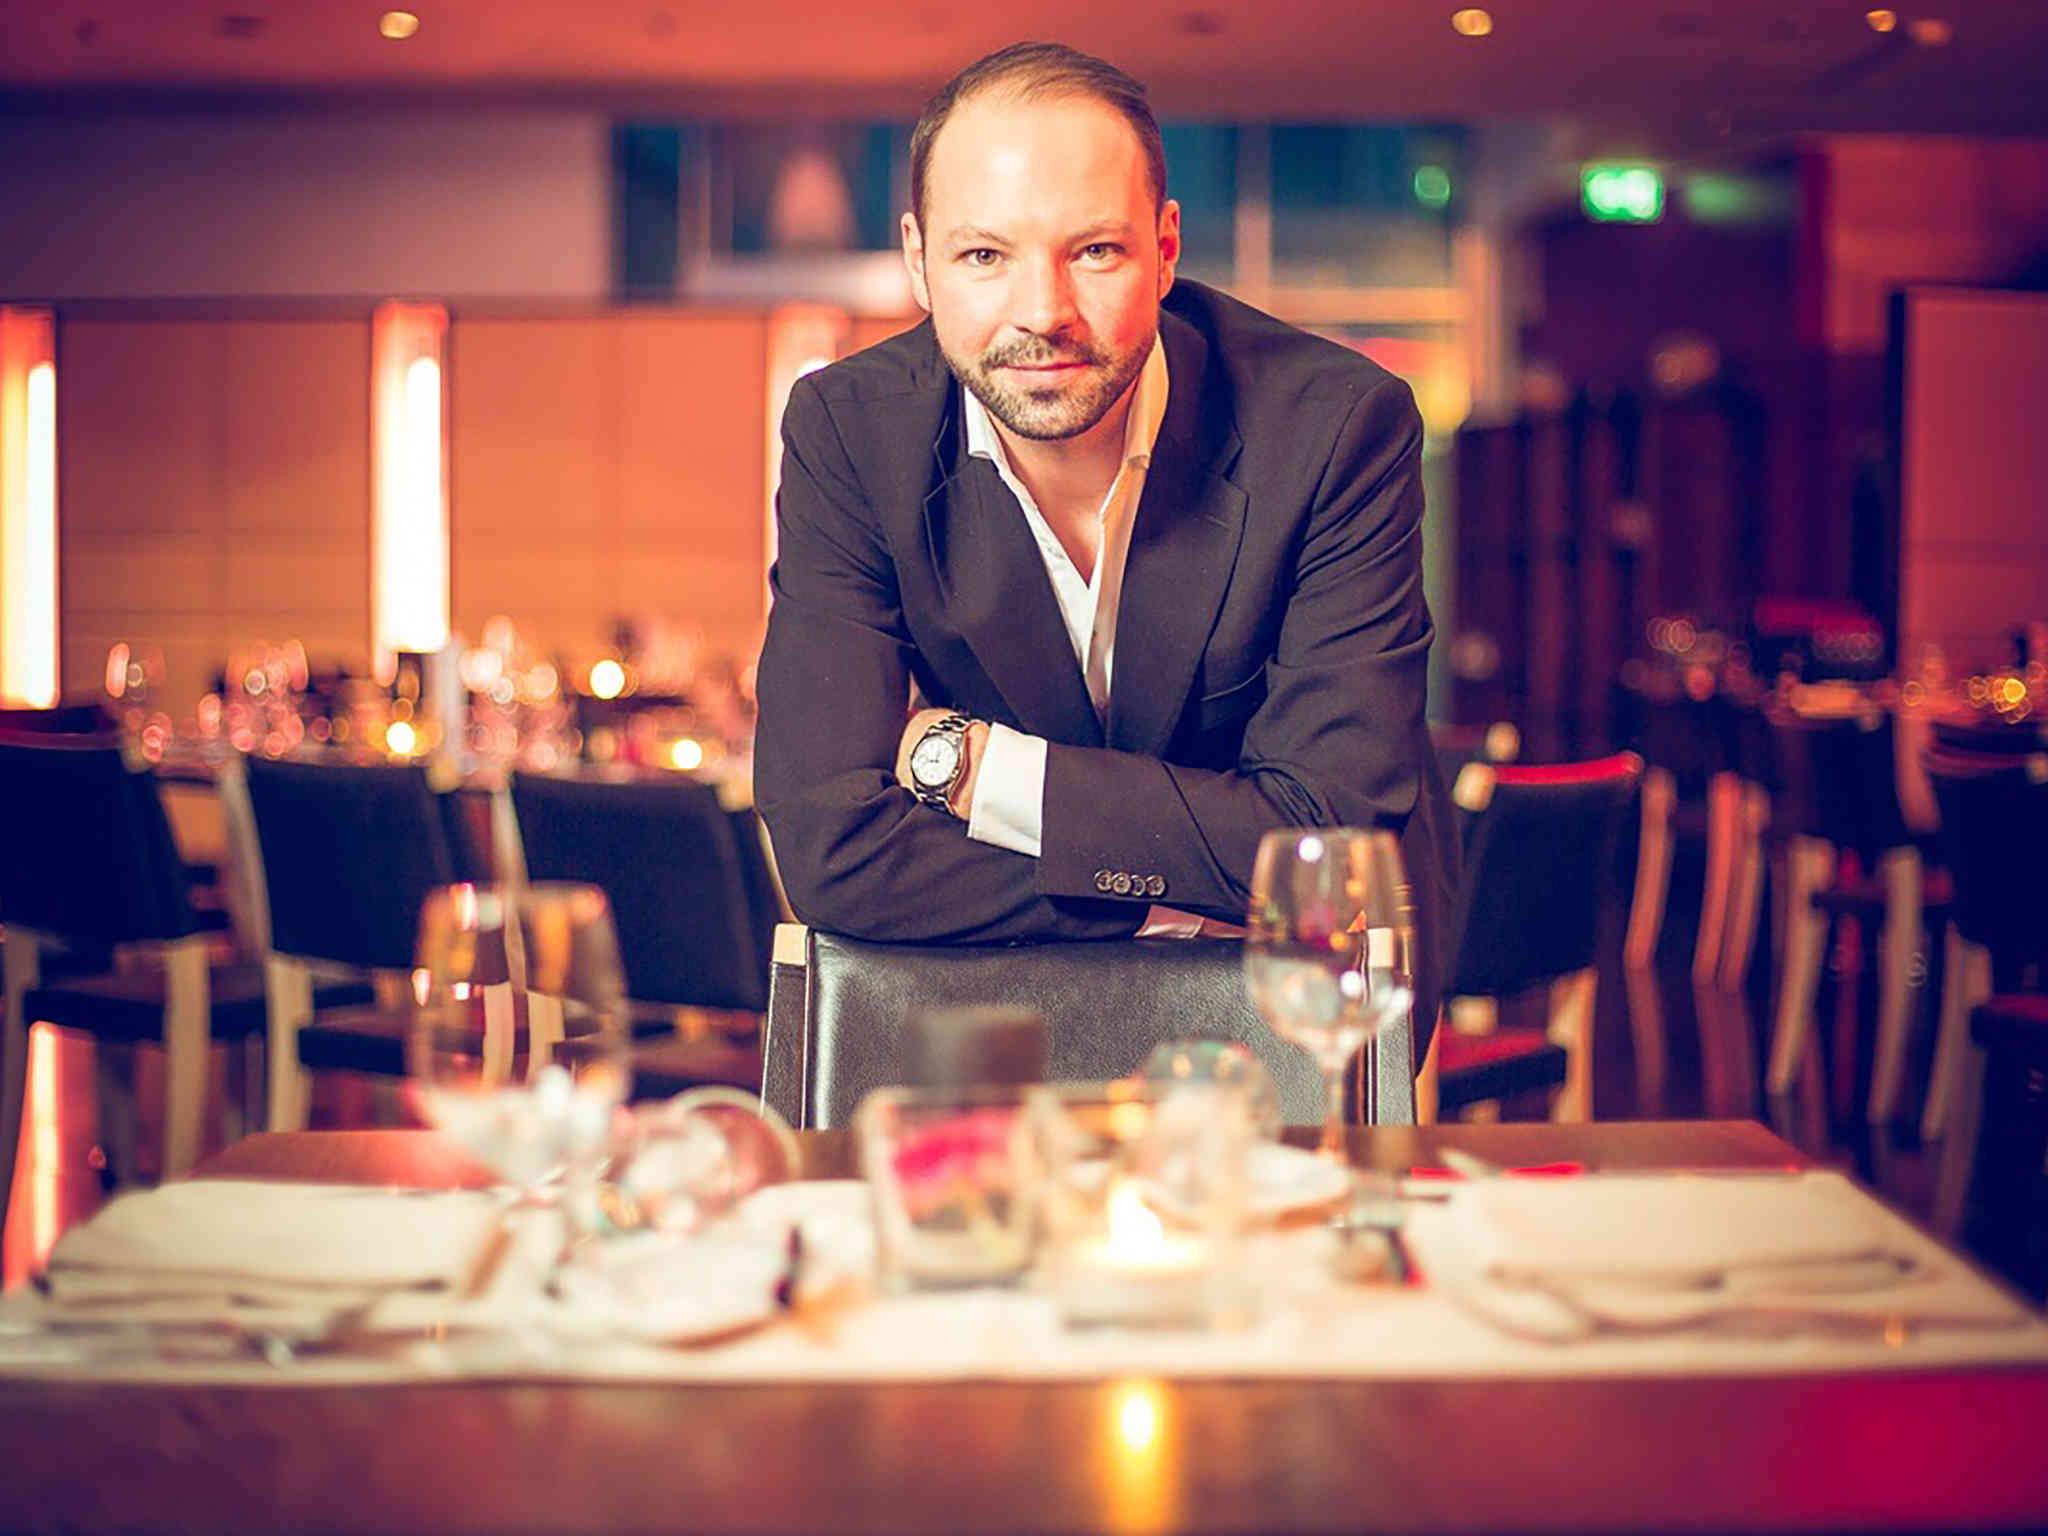 Anton Birnbaum übernimmt als neuer General Manager das Le Méridien Hamburg - Munich Hotel Partners MHP